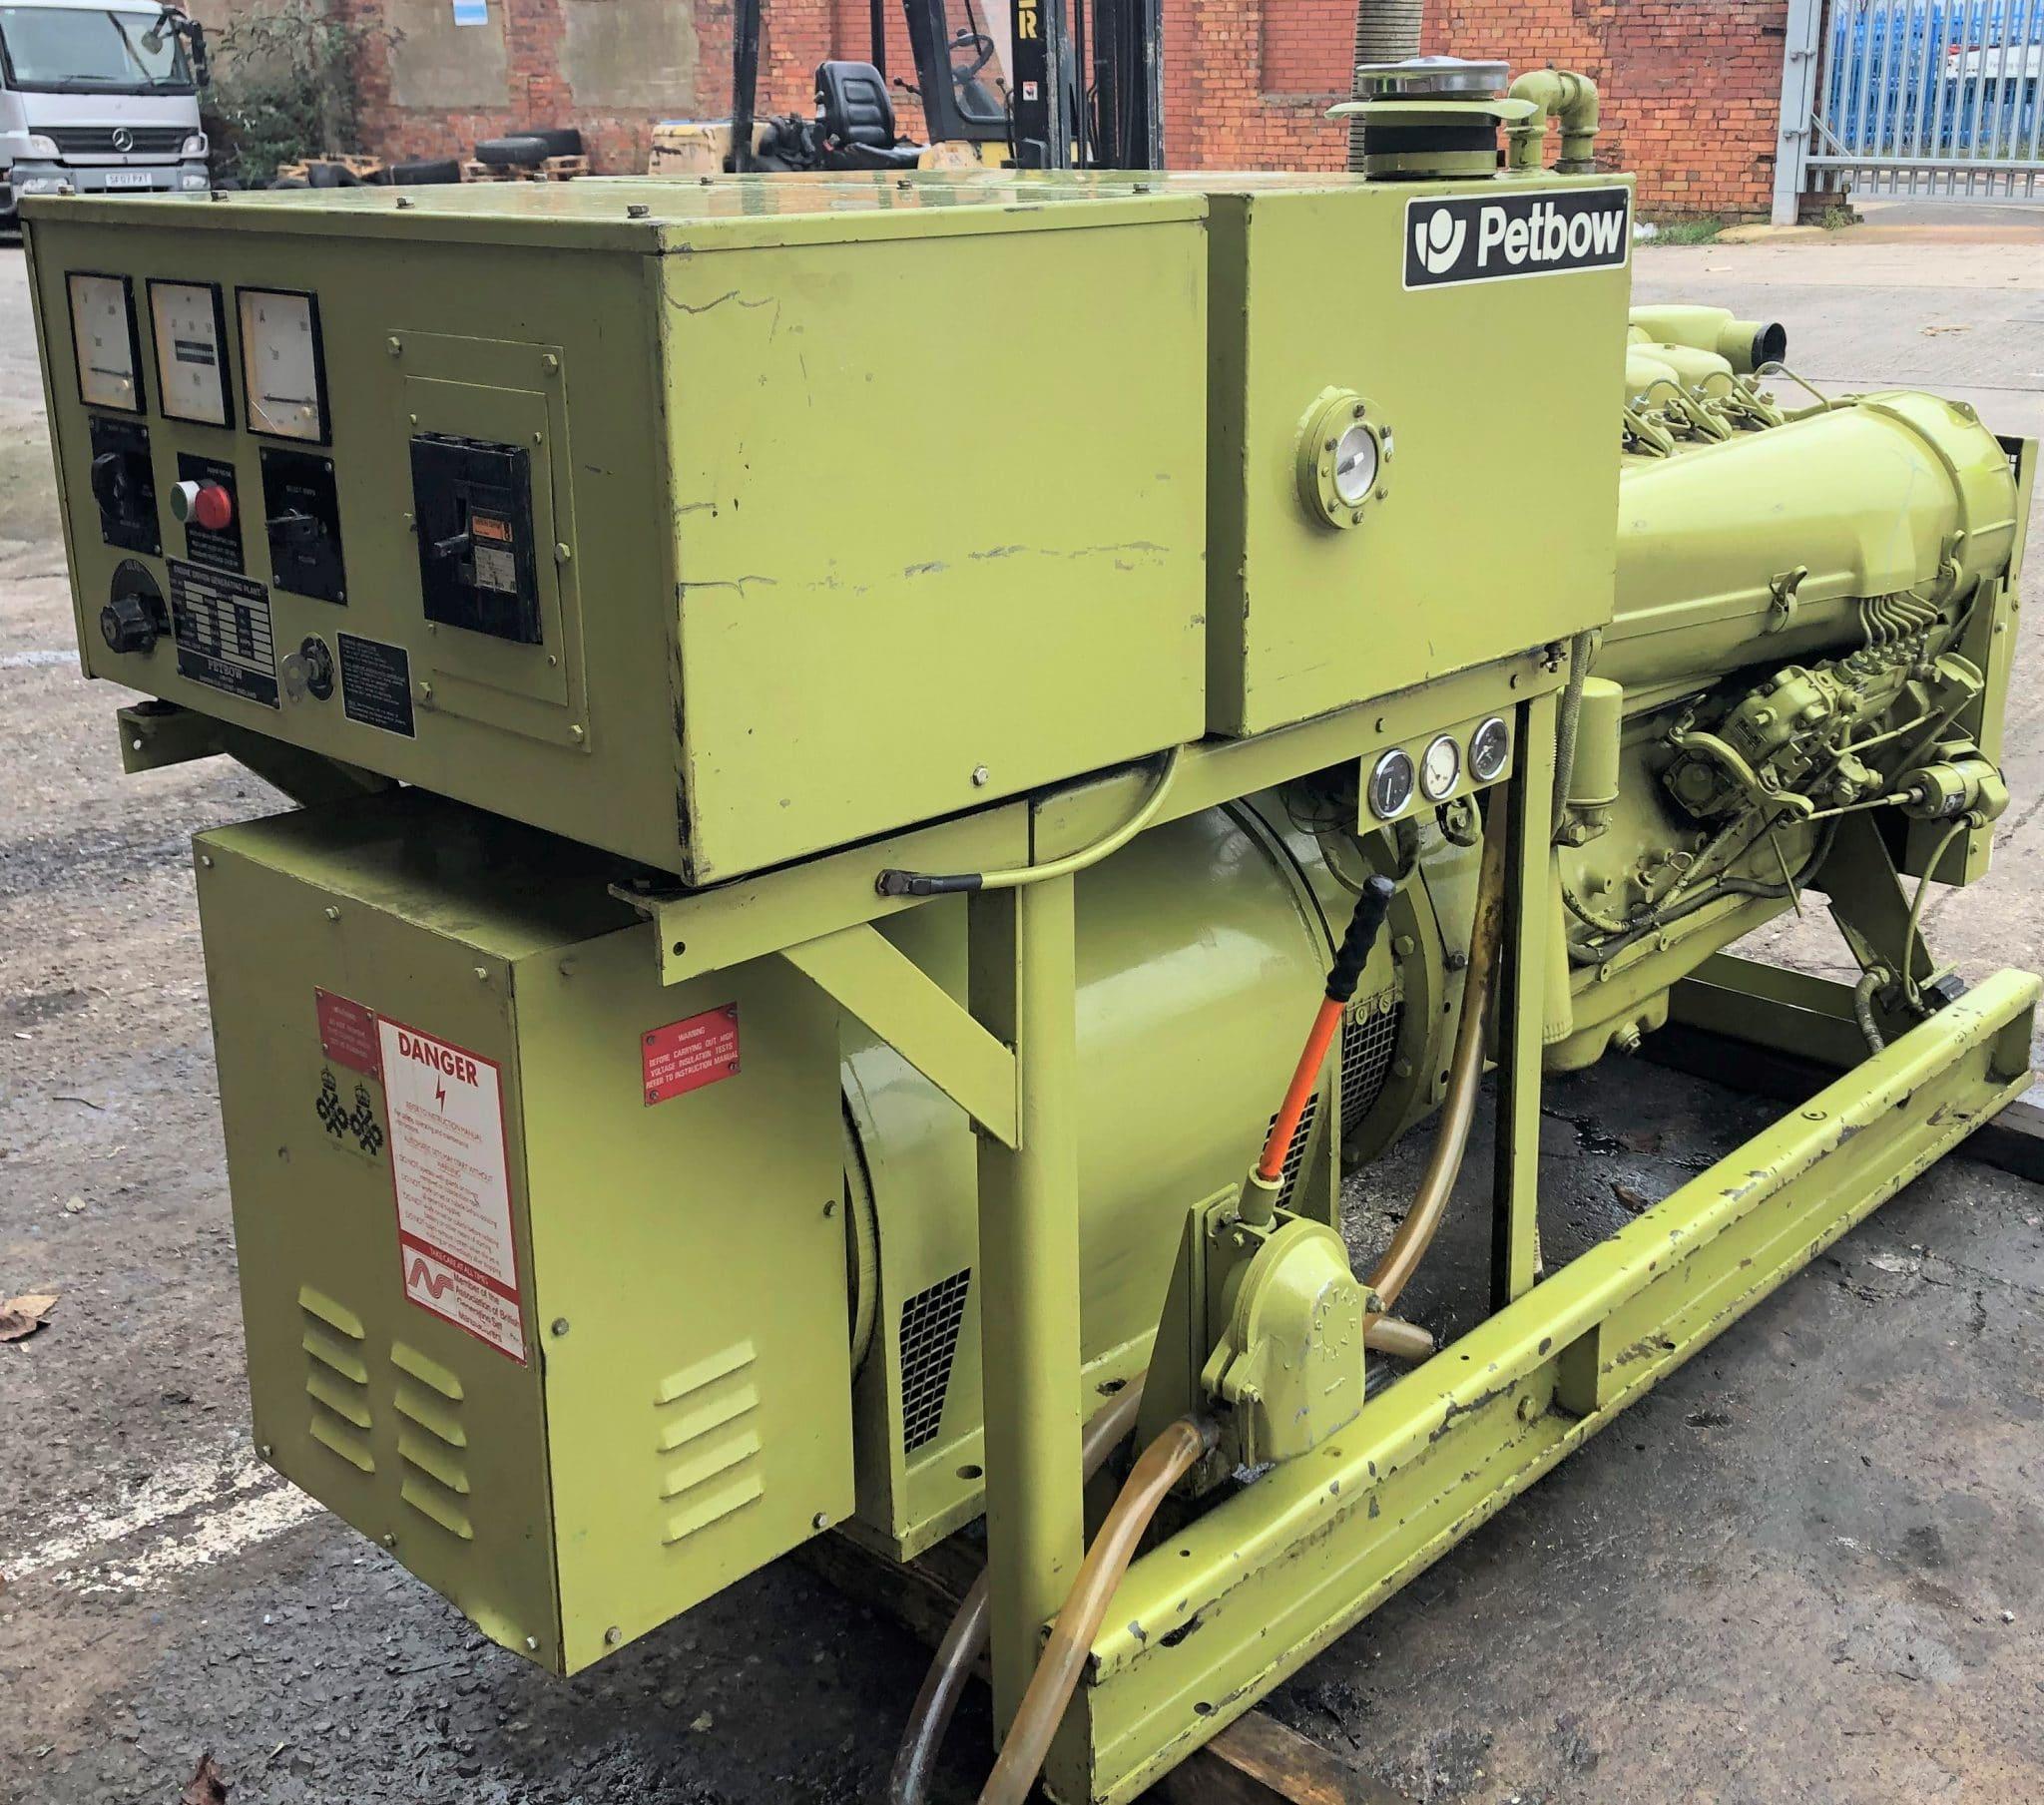 61 KVA Deutz Petbow Used Diesel Generator